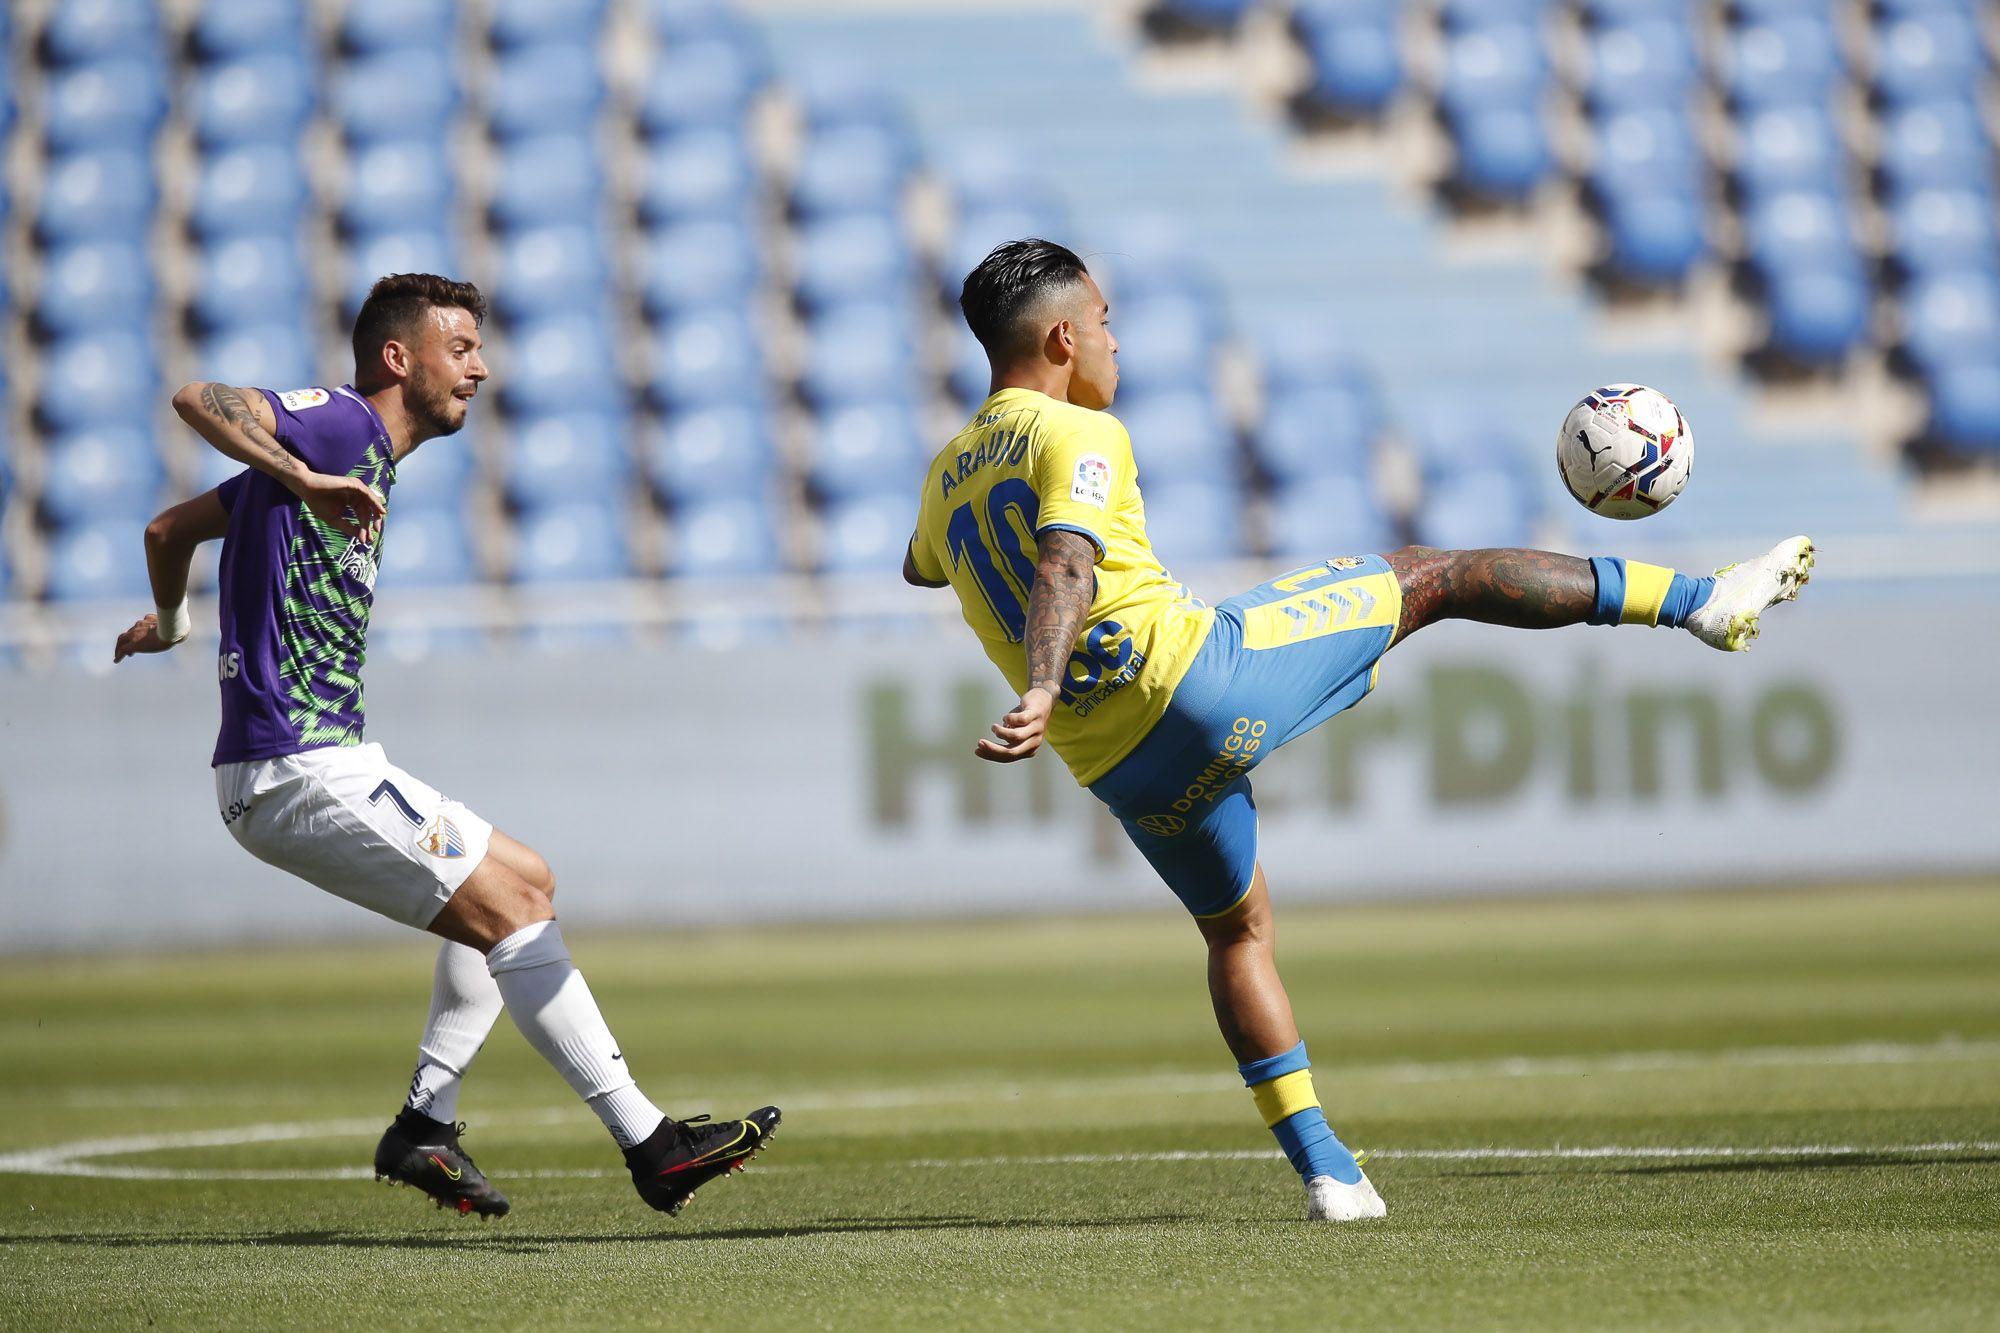 Partido UD Las Palmas- Málaga CF en el Estadio de Gran Canaria (17/04/2021)